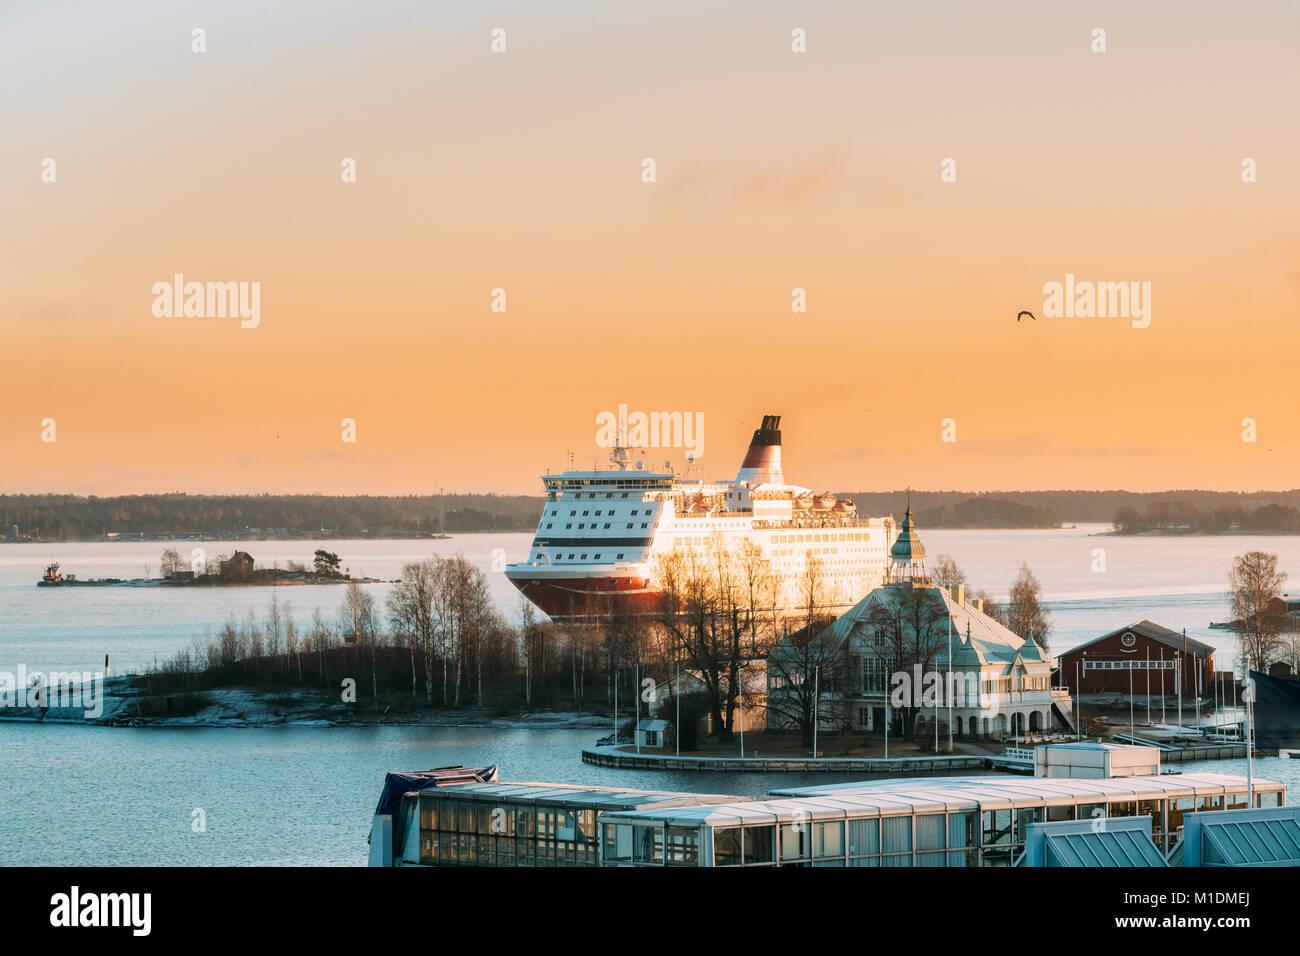 Helsinki, Finlande. Avis de Ferry Ferry moderne à proximité de Blekholmen Valkosaari Island Sur fond de coucher du soleil lever du soleil Ciel. Banque D'Images